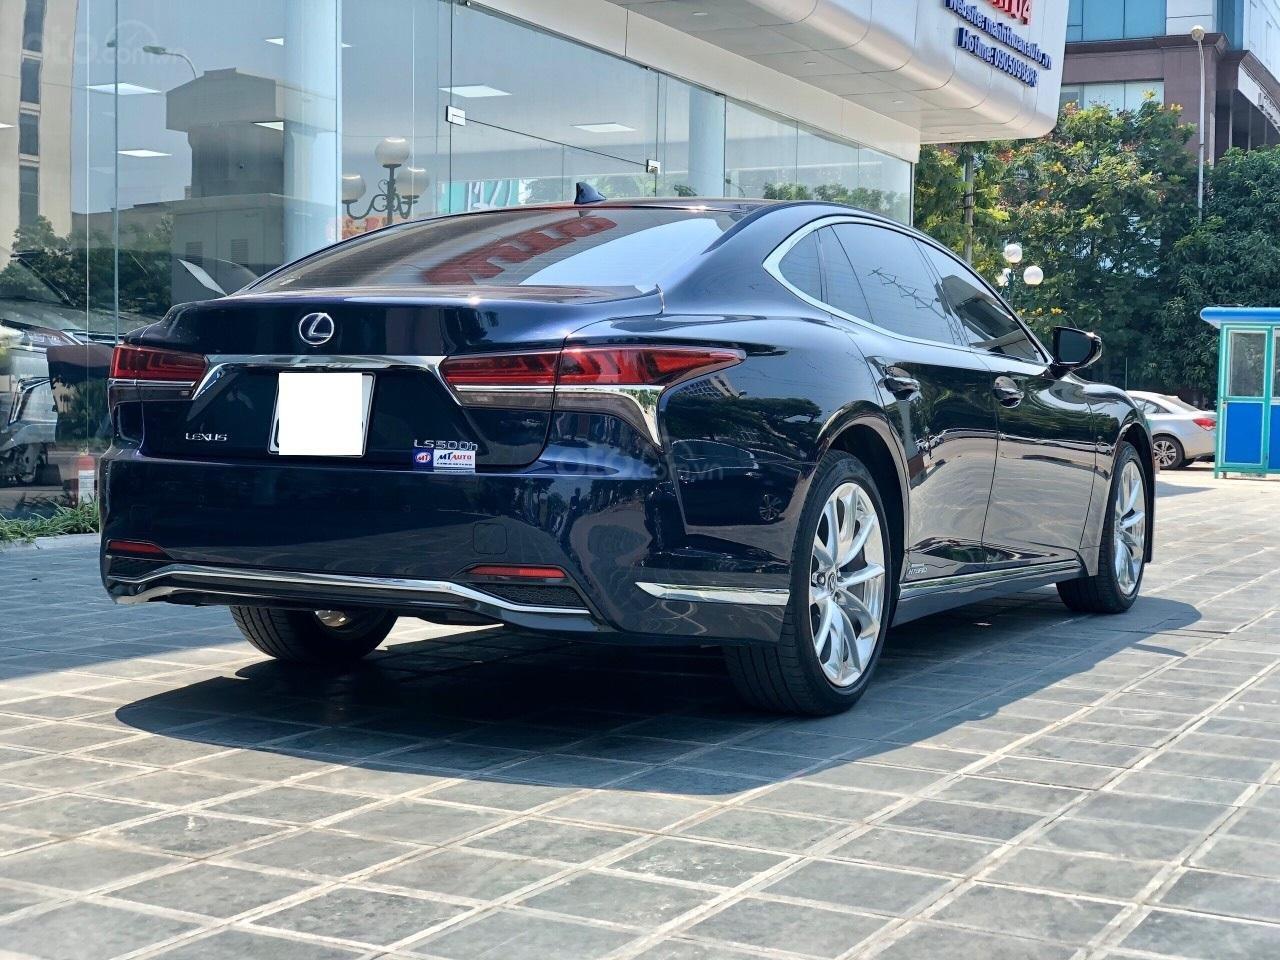 Bán xe Lexus LS 500H 2017, màu xanh lam, giá tốt giao ngay toàn quốc, LH Ngọc Vy 093.996.2368 (6)